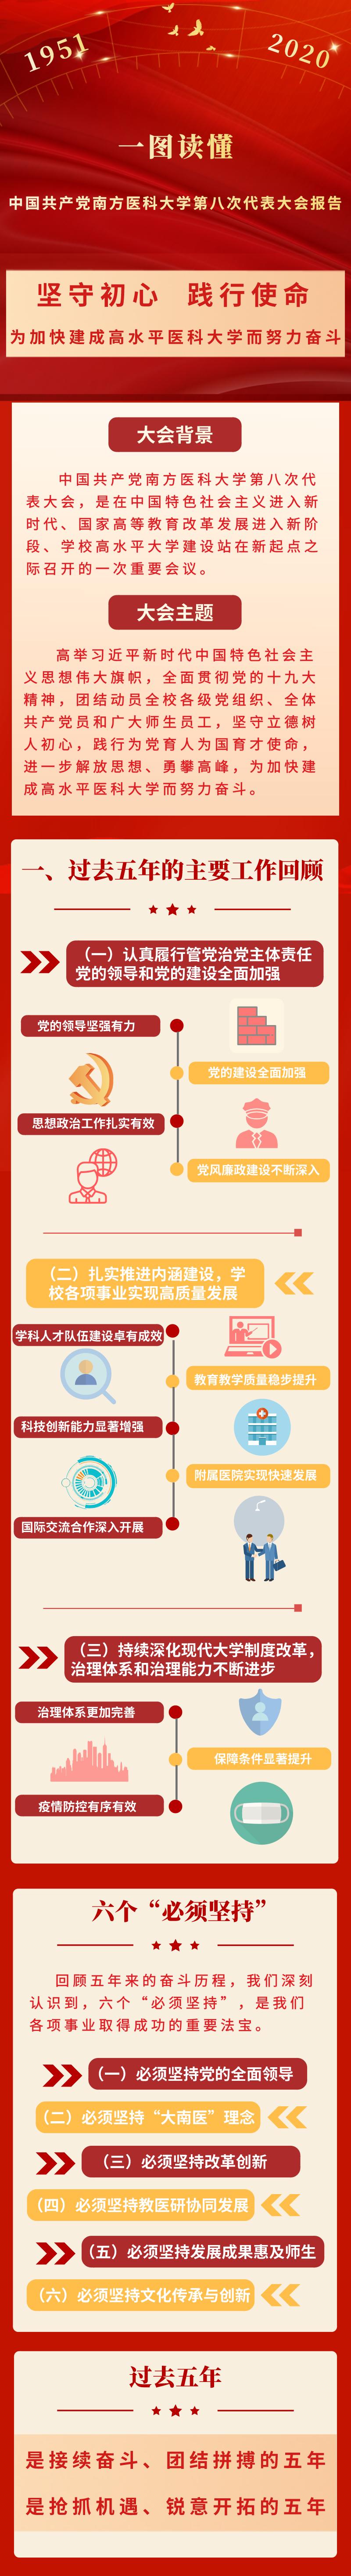 「杏悦」党南方医科大学第八次代表杏悦大会报图片